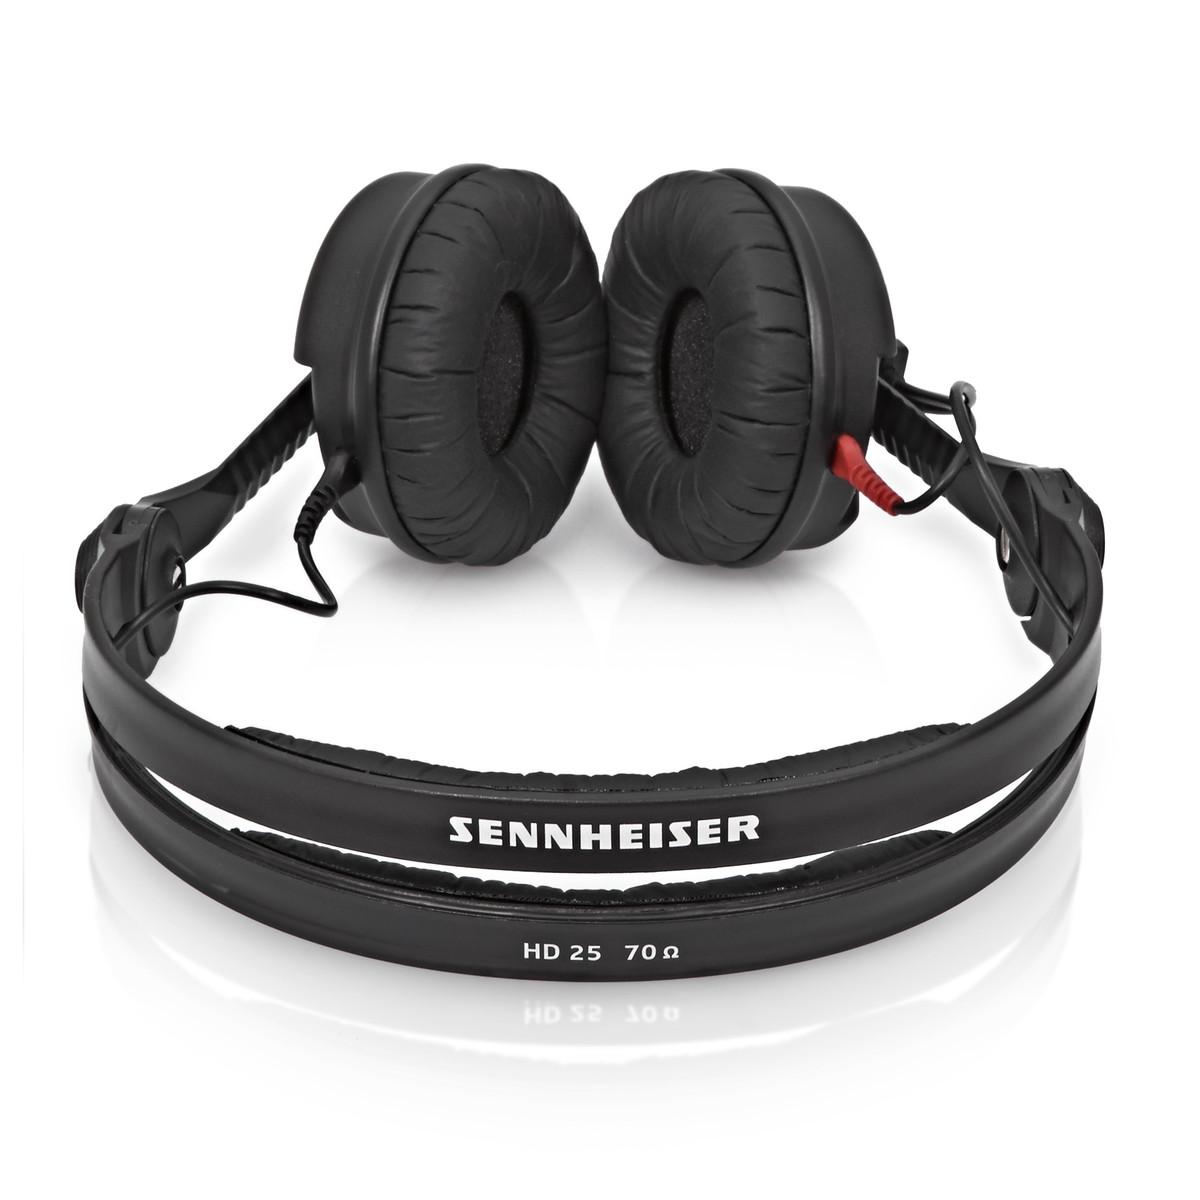 sennheiser hd 25 plus hoofdtelefoon met 2 kabels en extra. Black Bedroom Furniture Sets. Home Design Ideas